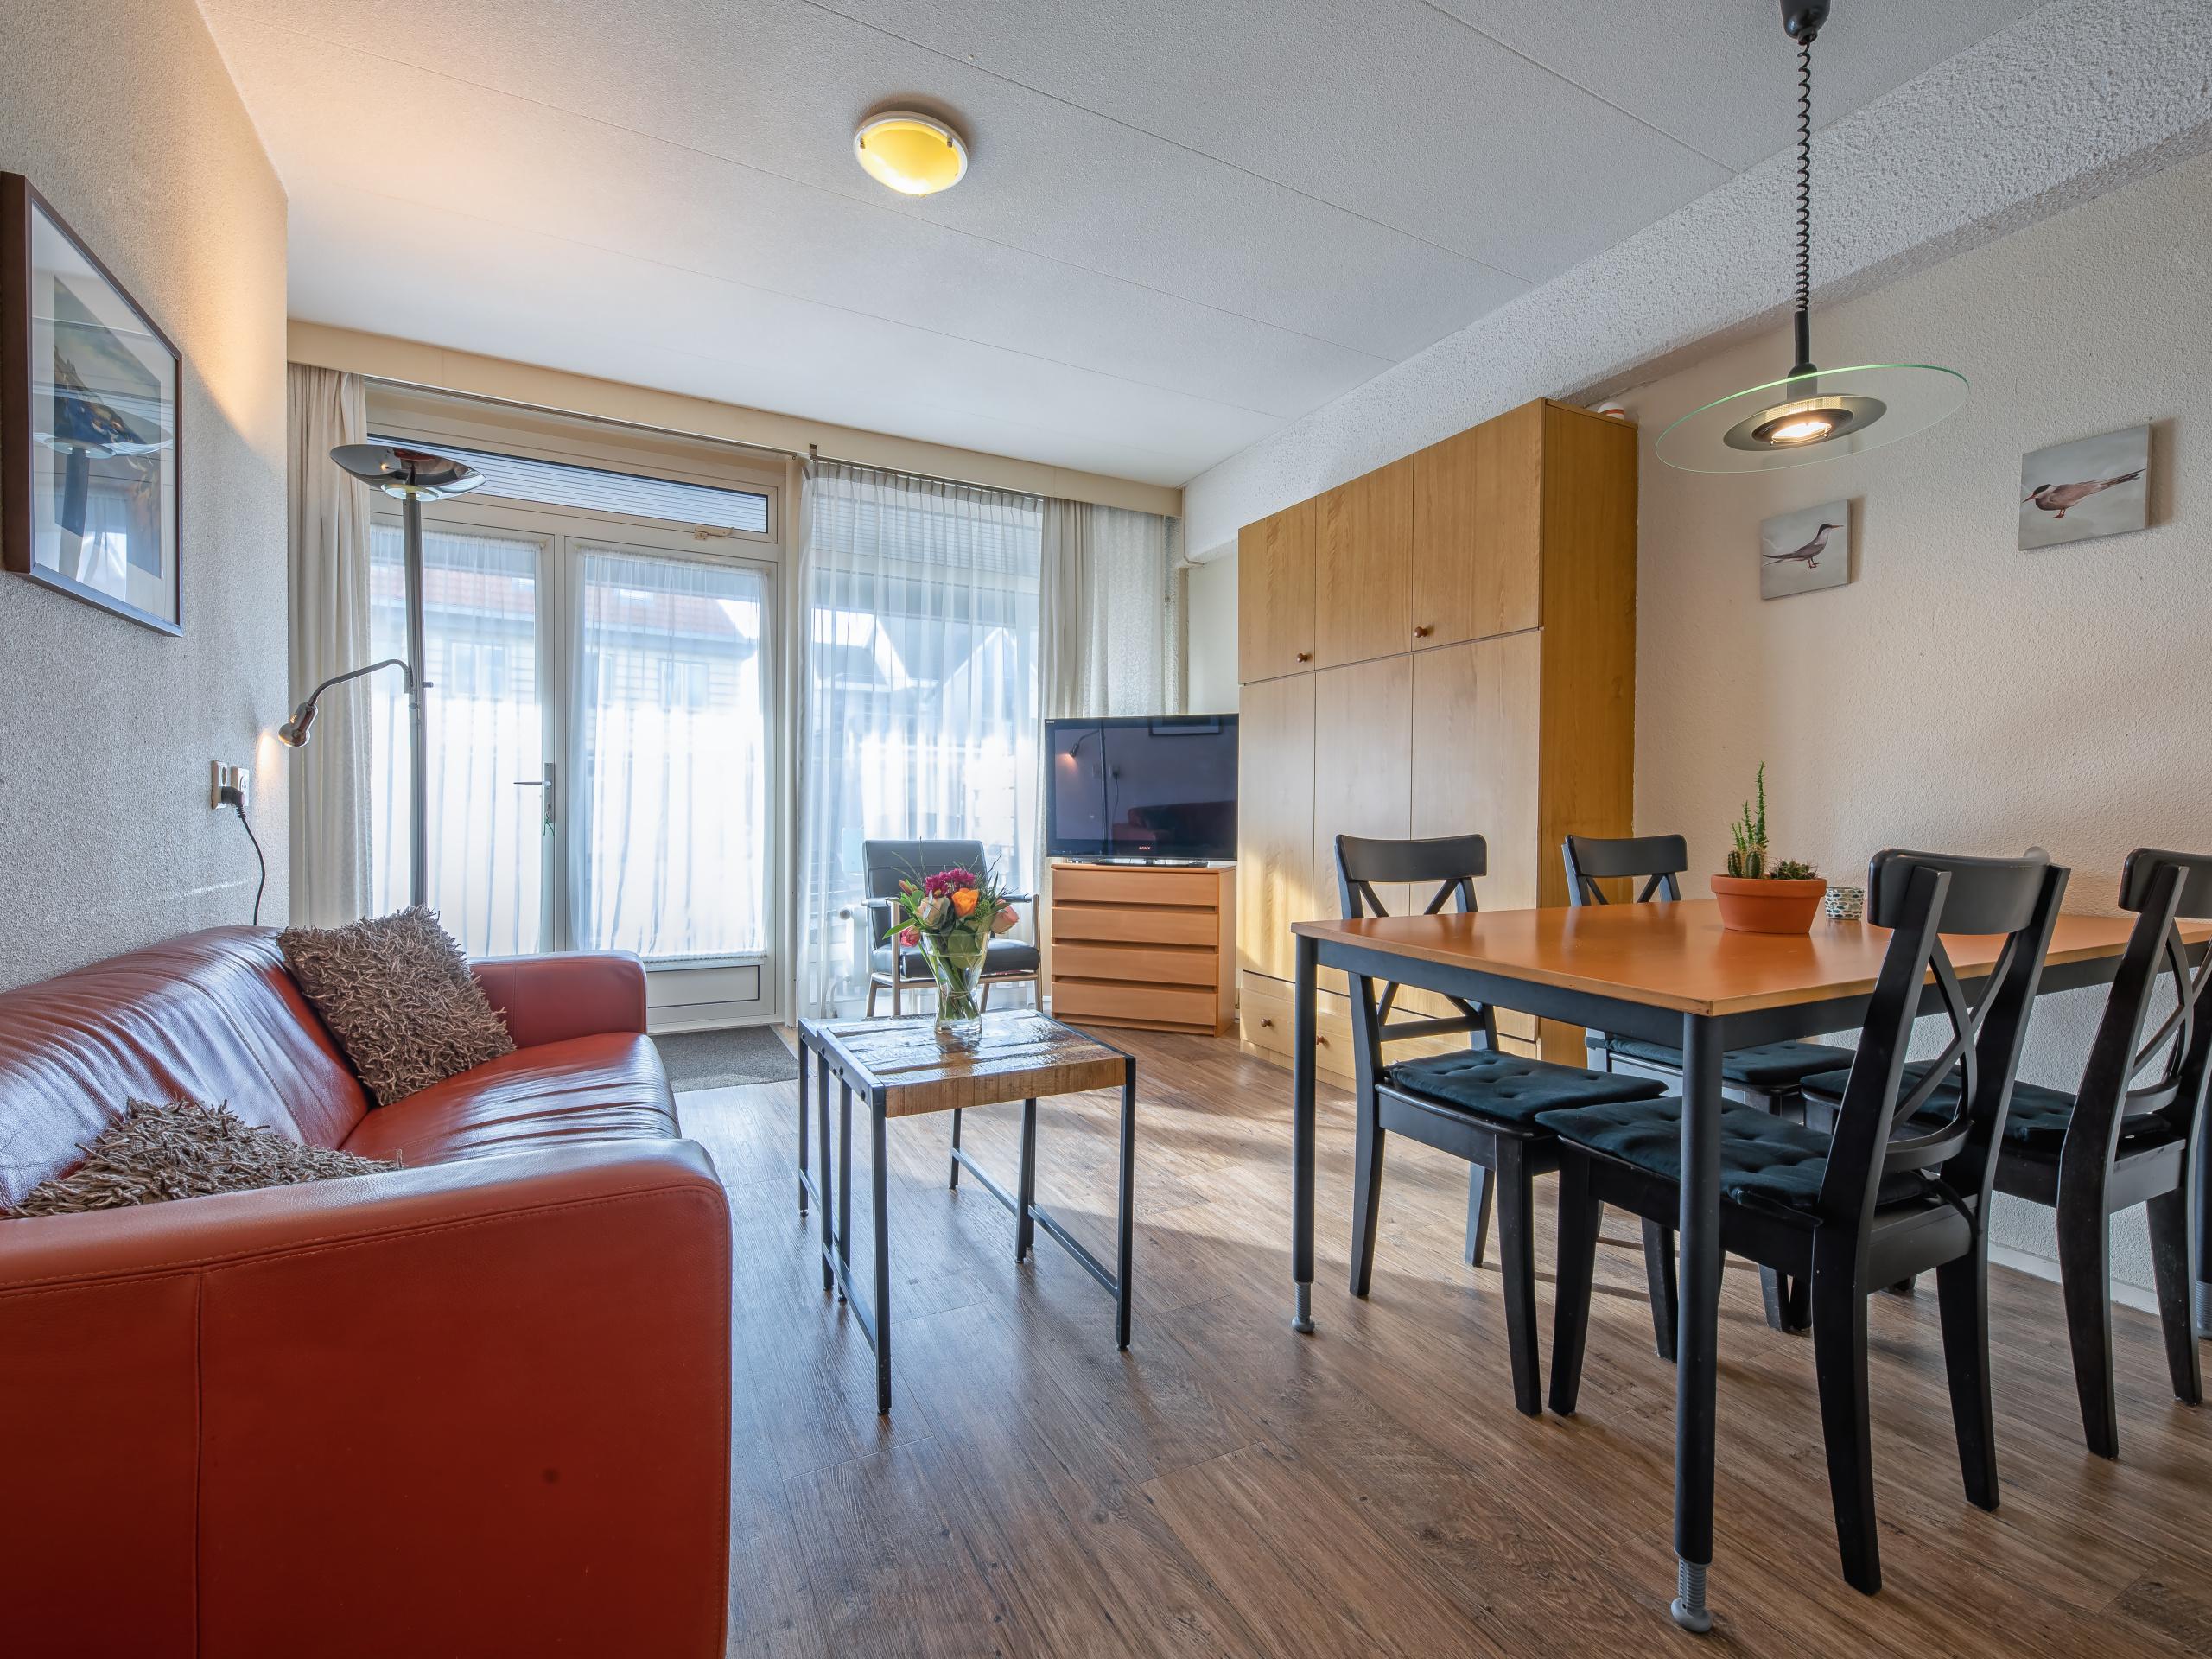 Fijn appartement met whirlpool en terras op het zuiden aan de rand van het centrum van De Koog